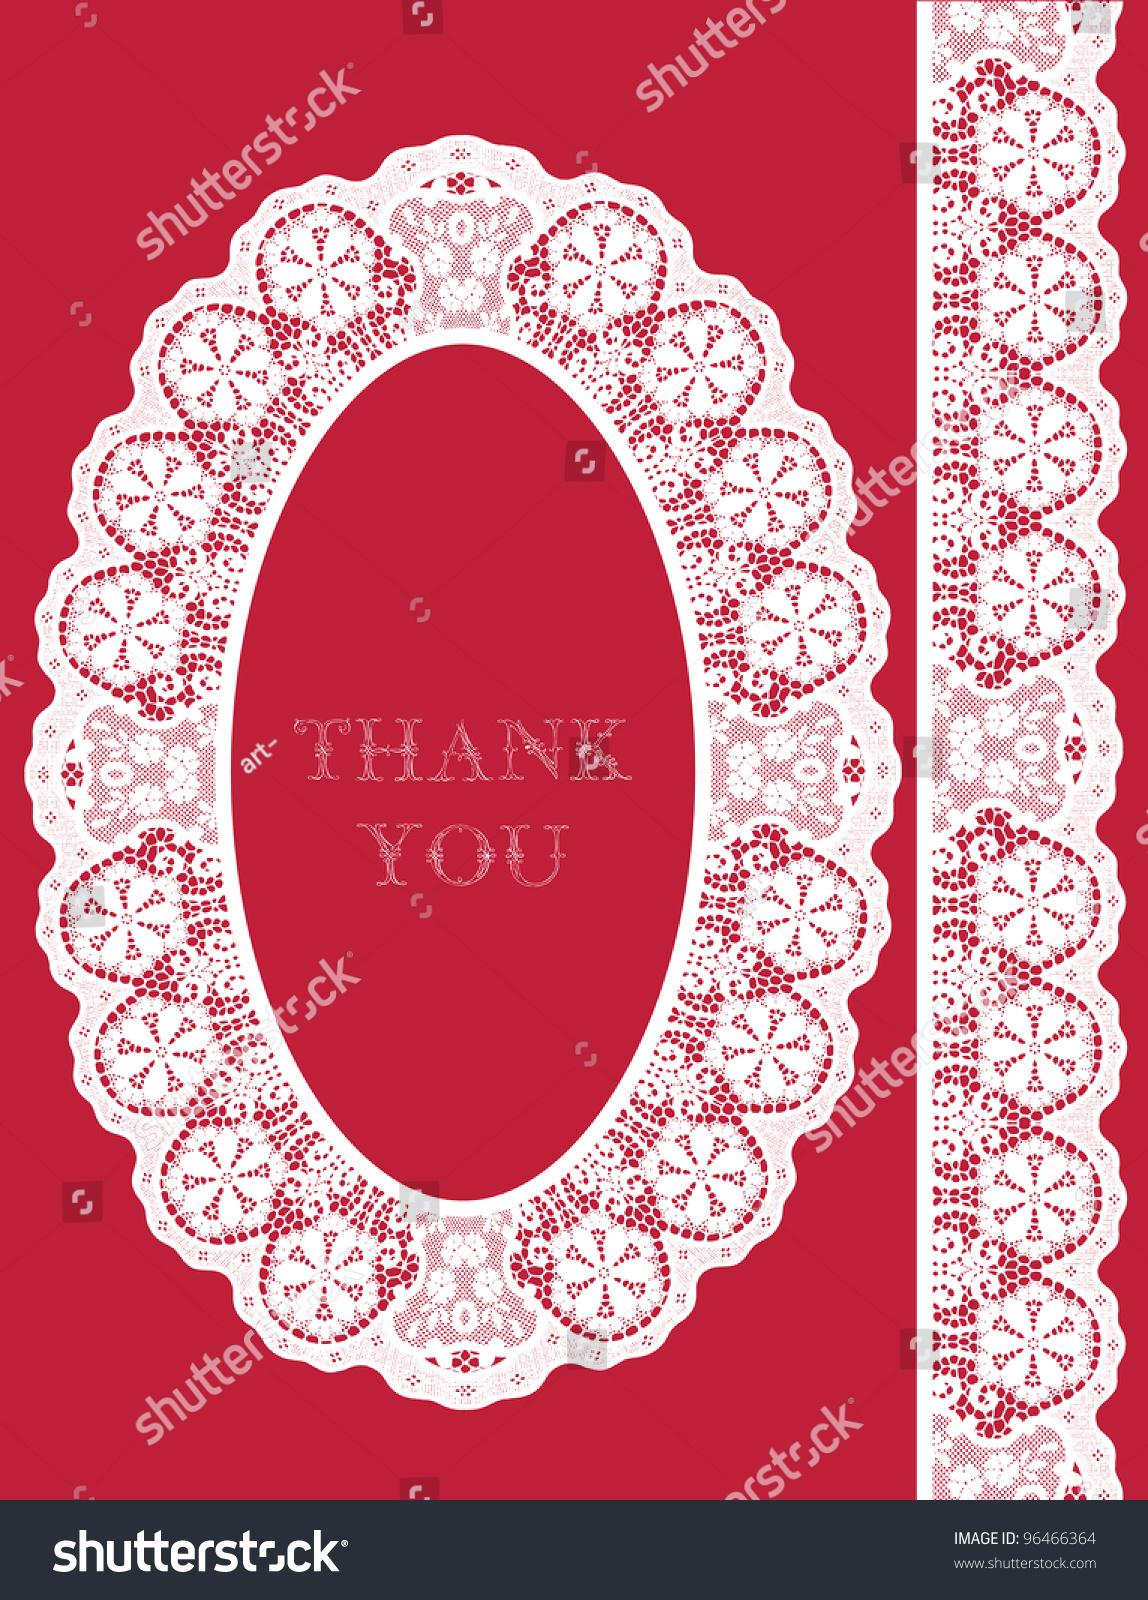 Cute Wedding Invitation Card Lace Ornament Stock Vector 96466364 ...